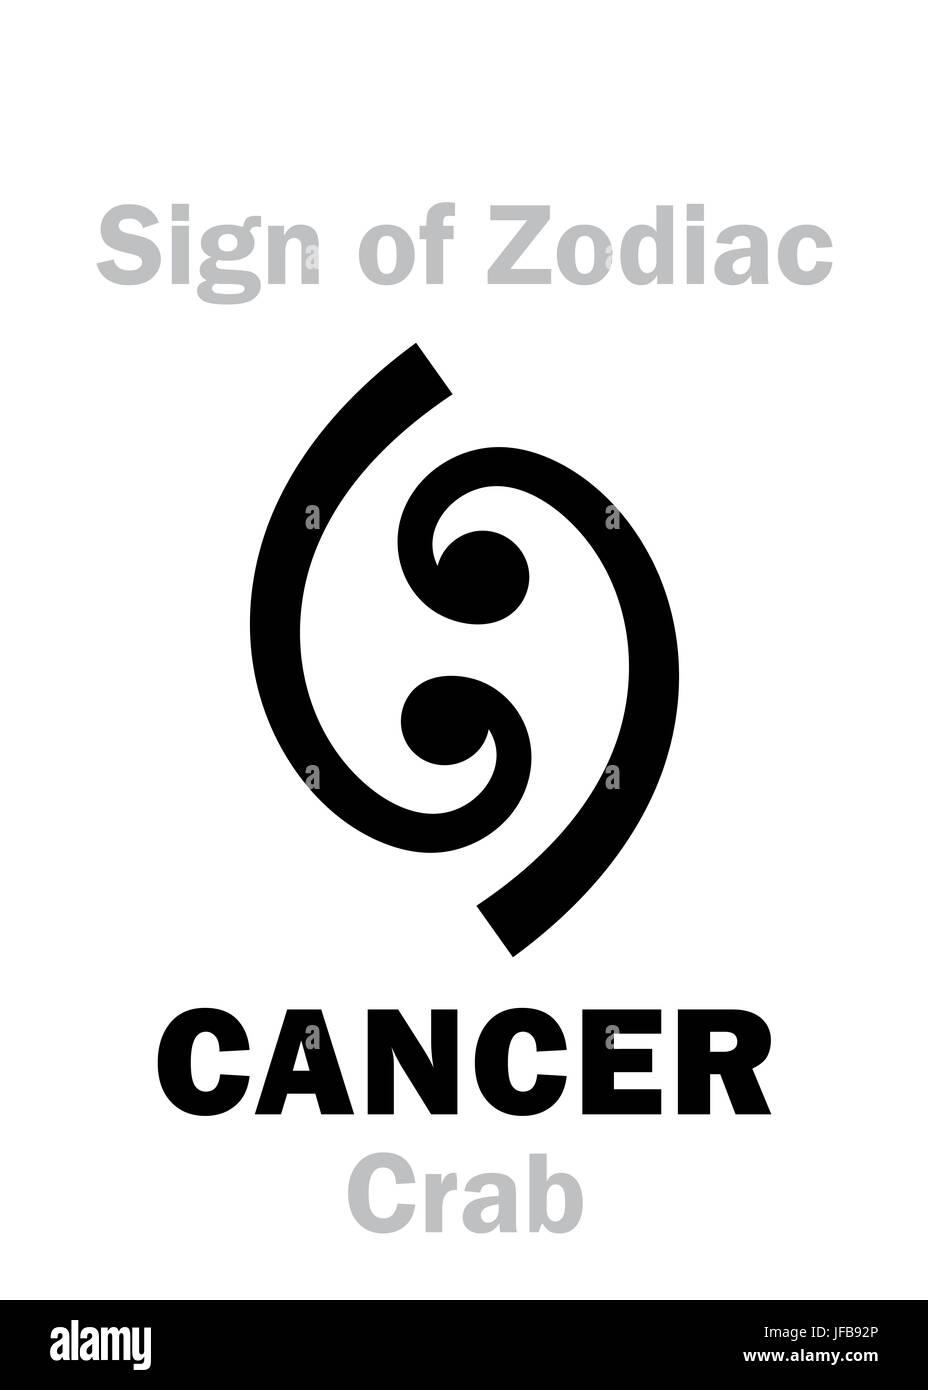 Zodiac Sign Cancer Stock Photos Zodiac Sign Cancer Stock Images